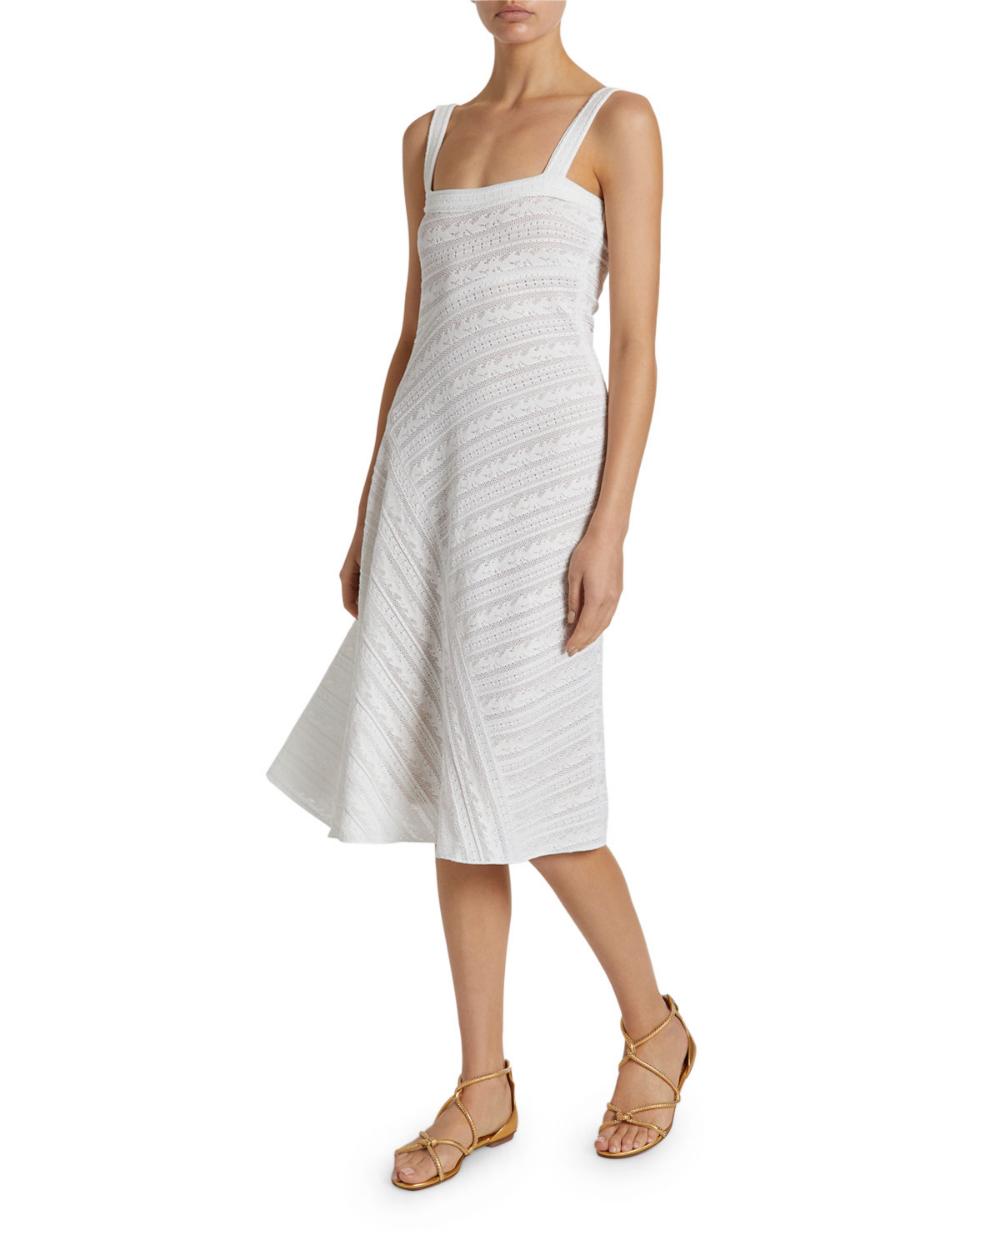 Alaia Square Neck Striped Lace Midi Dress Midi Dress Alaia Dress Lace Midi [ 1250 x 1000 Pixel ]